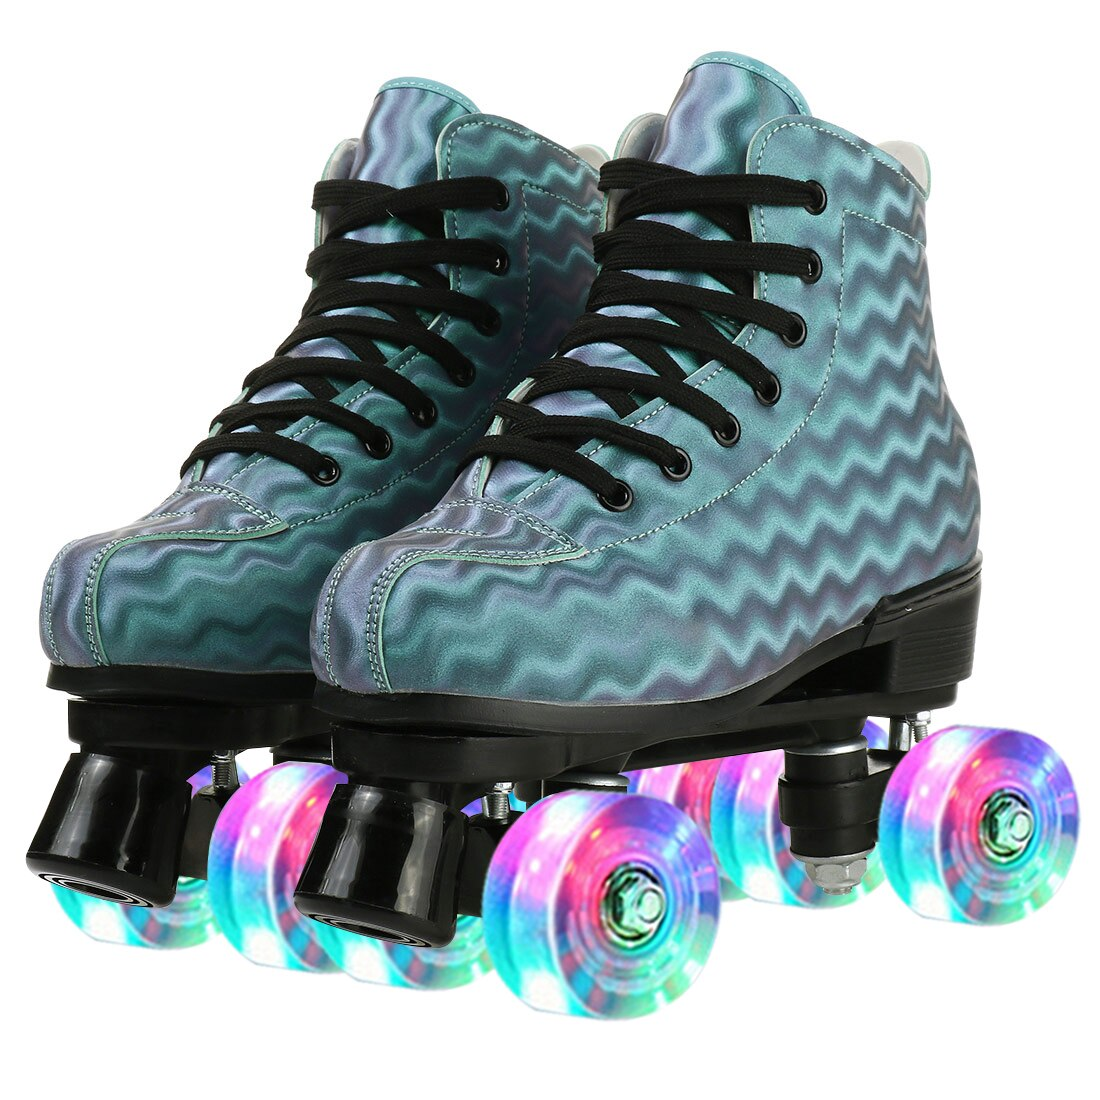 زلاجات دوارة في الهواء الطلق المبتدئين رباعية النساء الزلاجات البحر موجة أحذية انزلاق التزلج حذاء رياضة بليد ABEC-7 محامل Led 4 عجلات كول